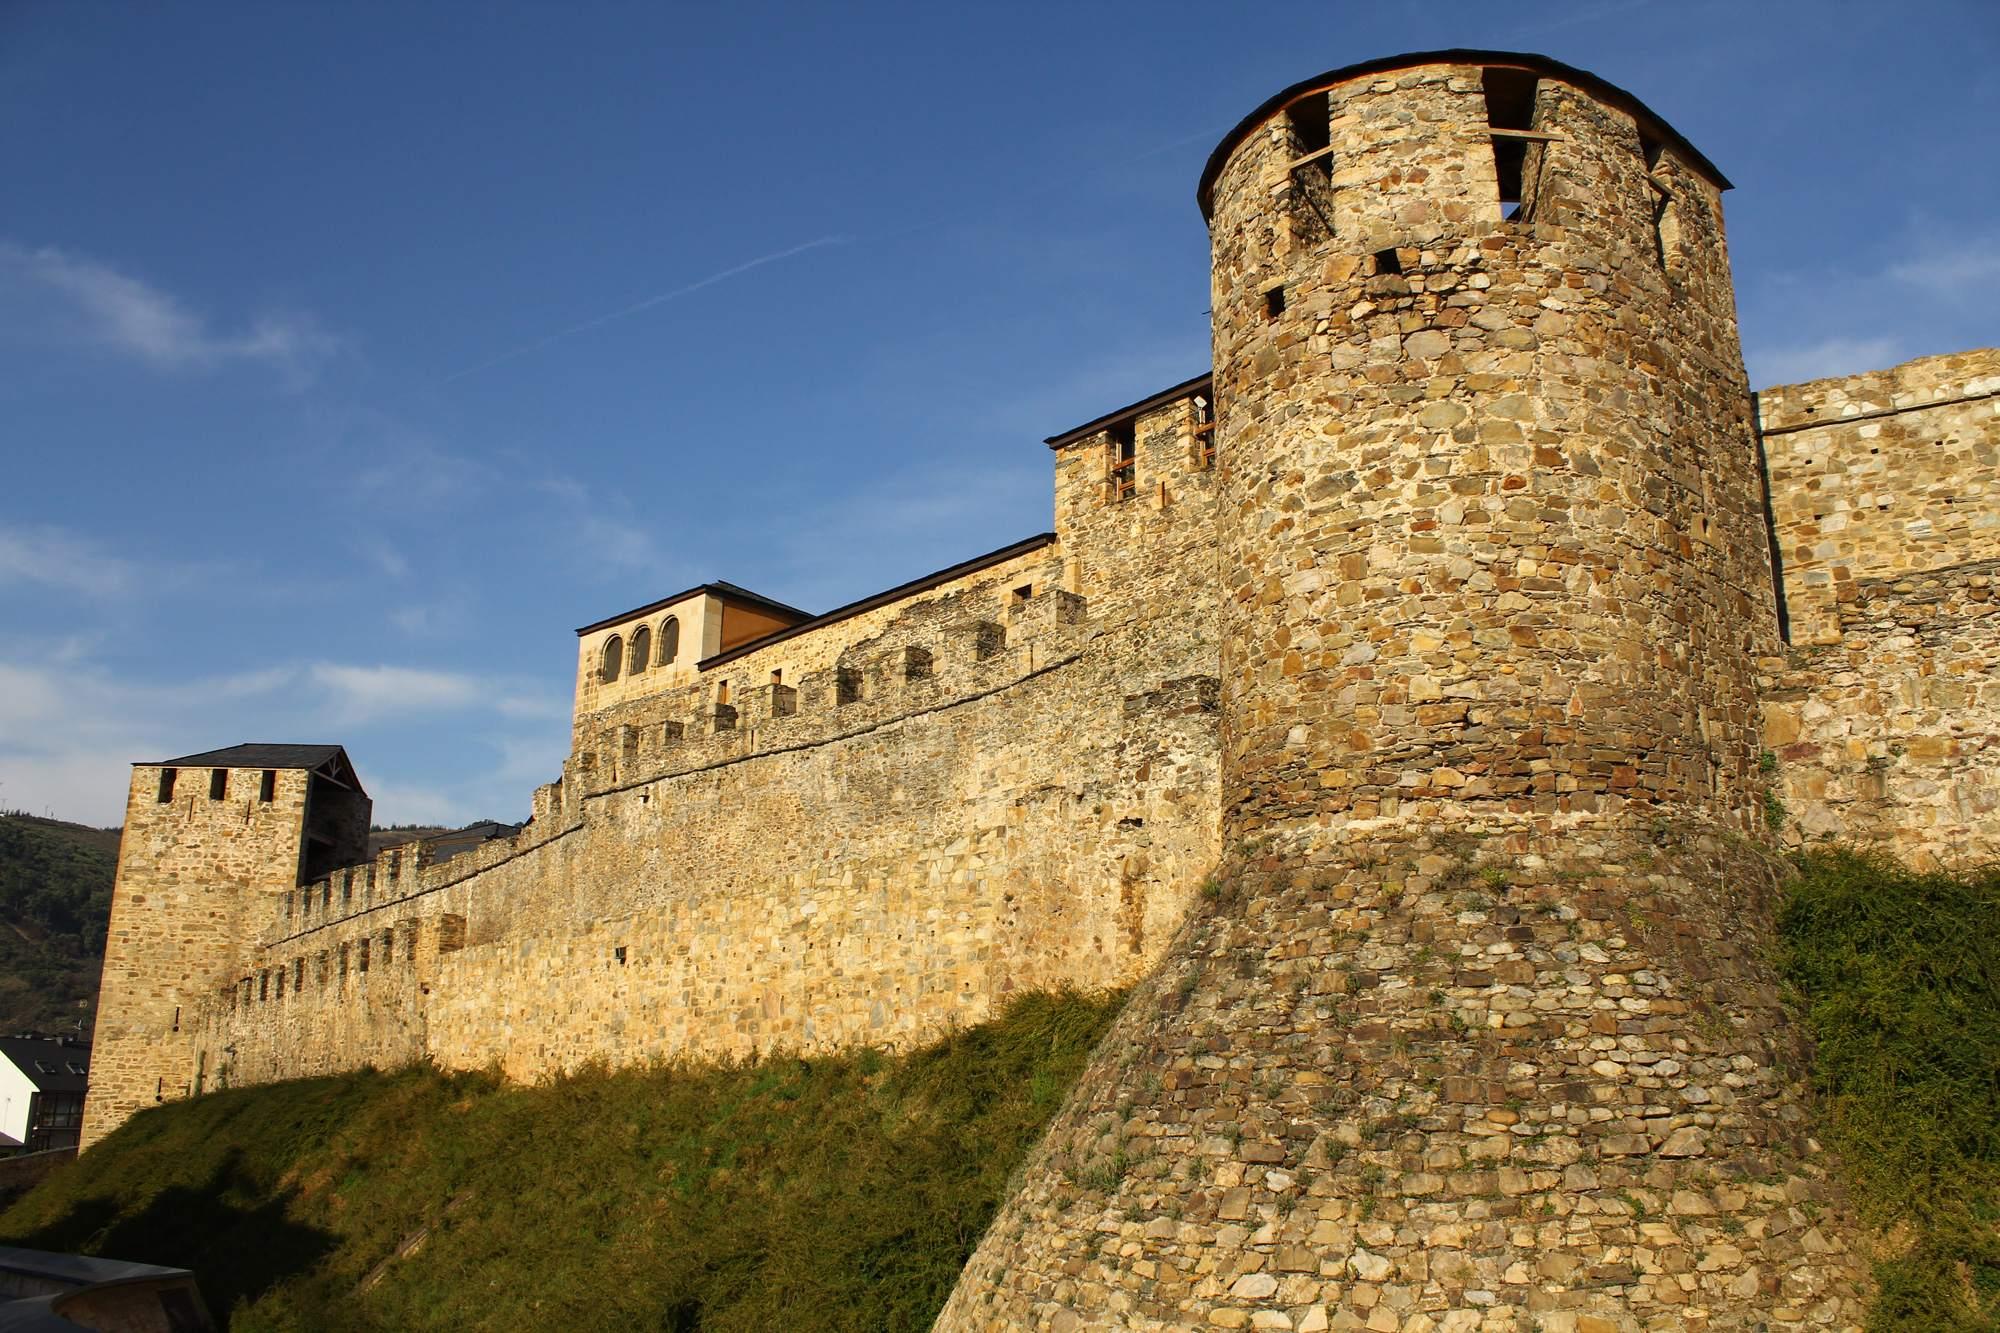 castle ponferrada6 Templar Castle of Ponferrada, Spain